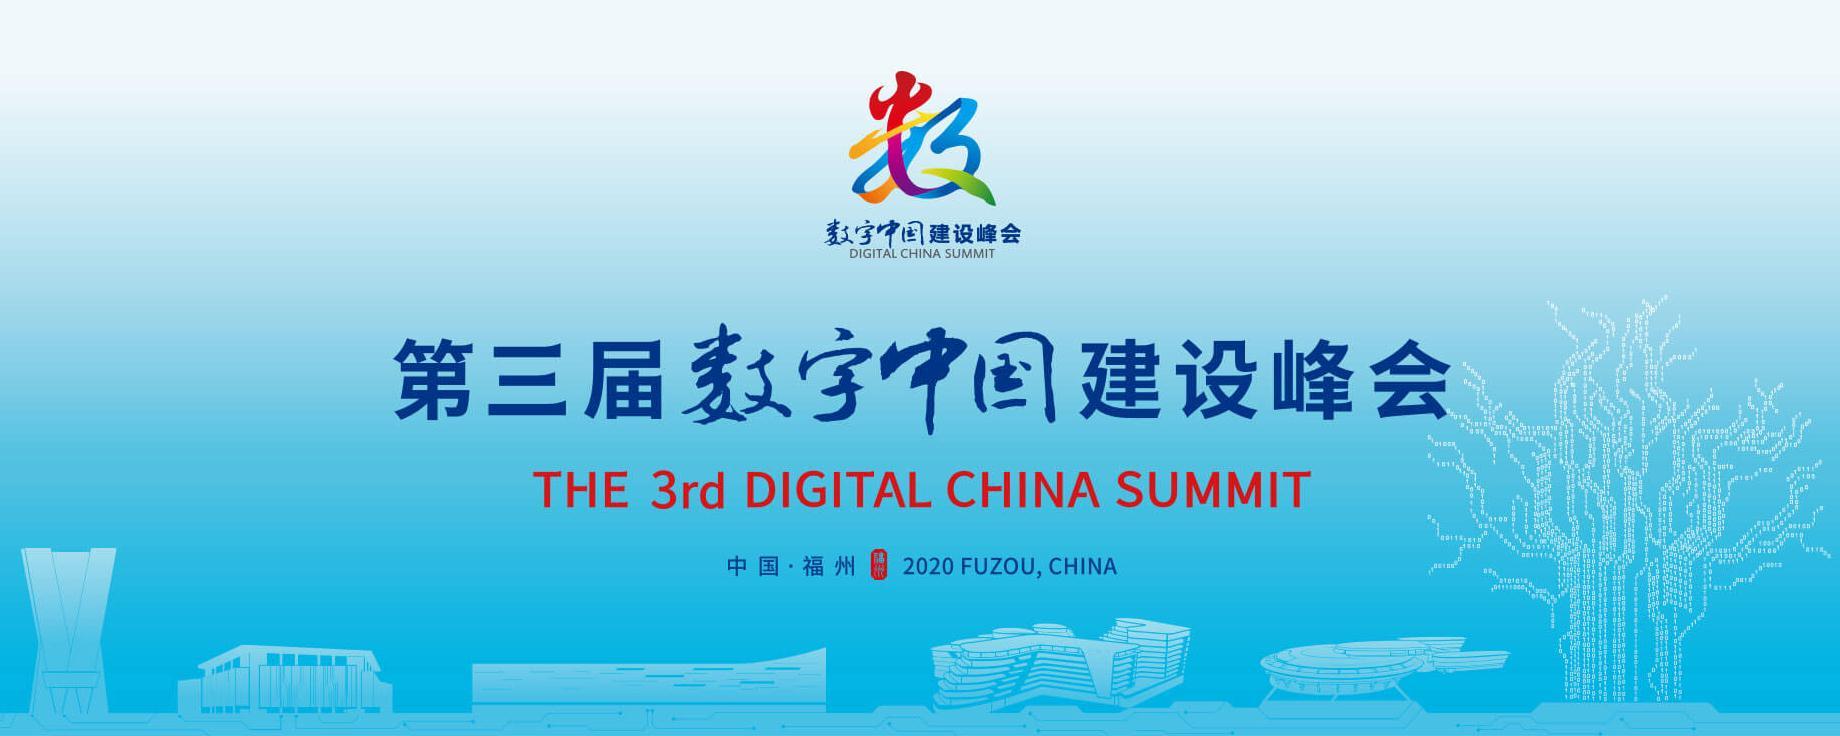 就在今天,第三届数字中国建设峰会正式开幕!